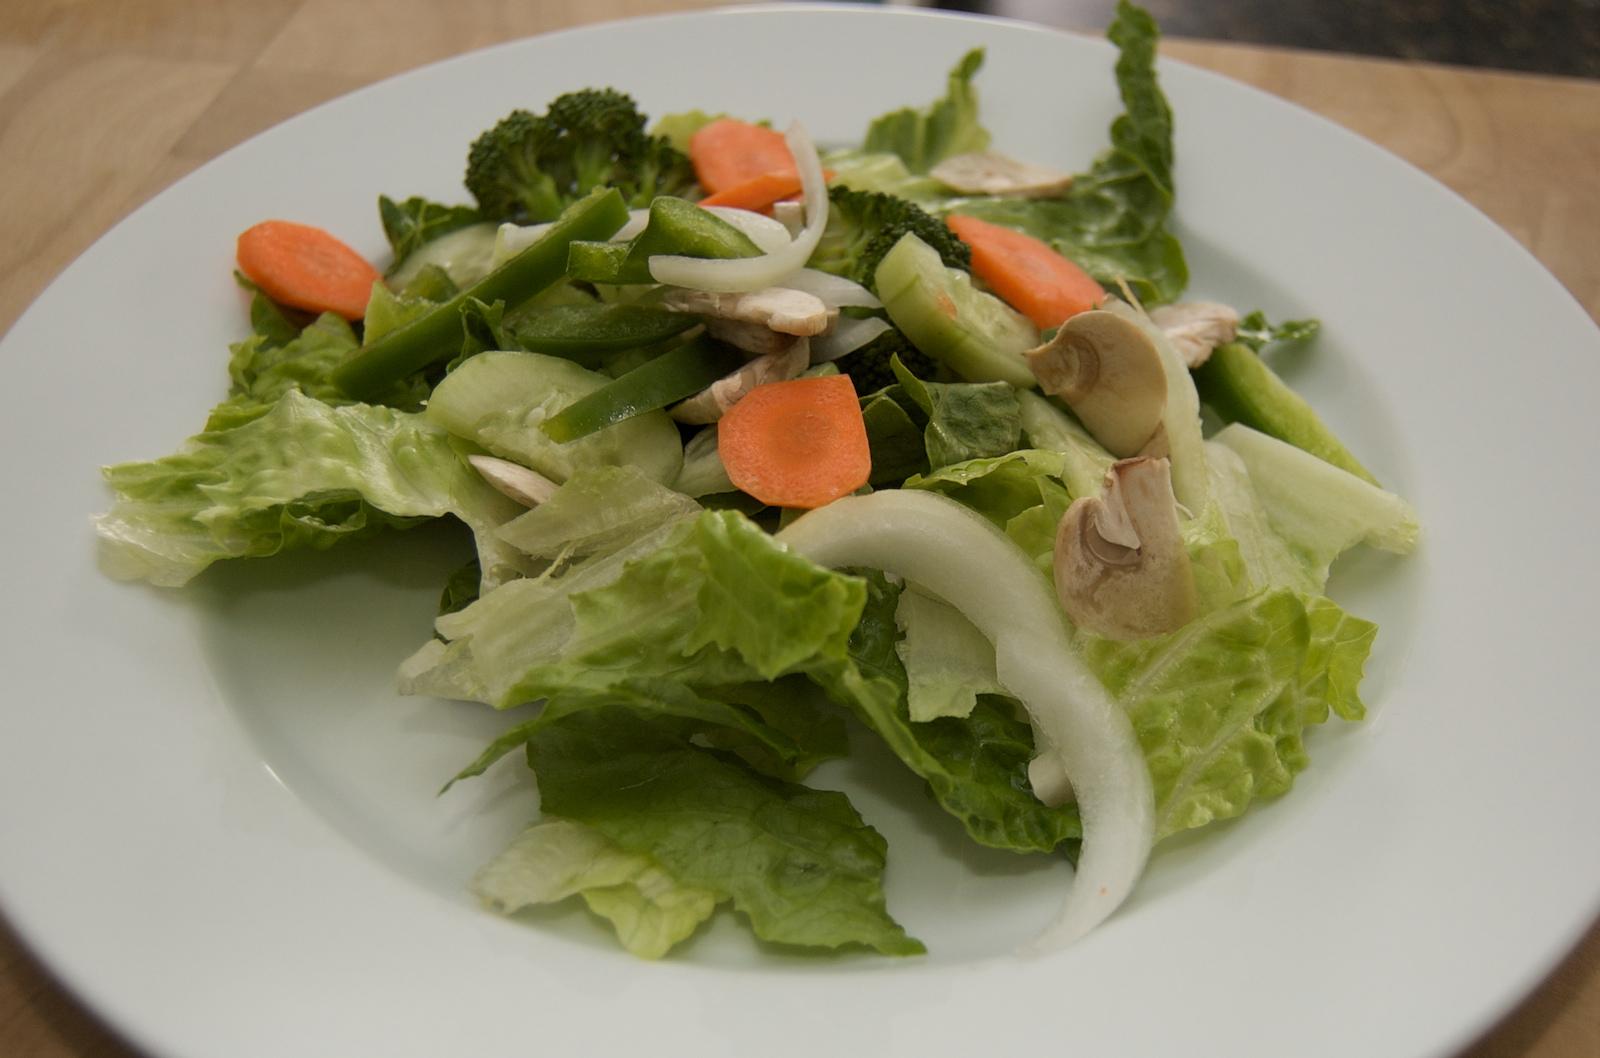 http://blog.rickk.com/food/2010/03/25/salad10.jpg